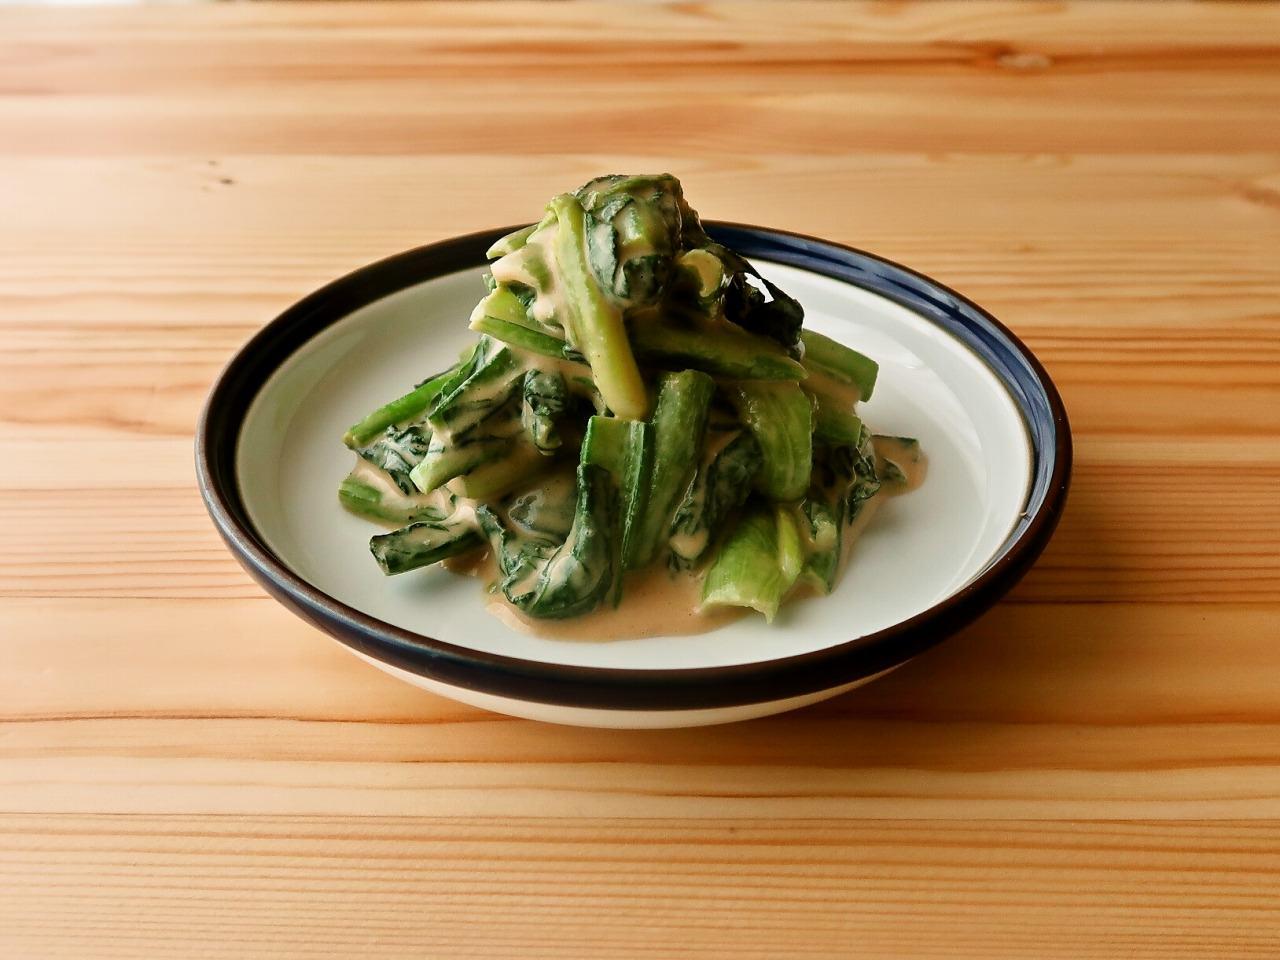 【野菜ひとつ】小松菜の練りごま和え